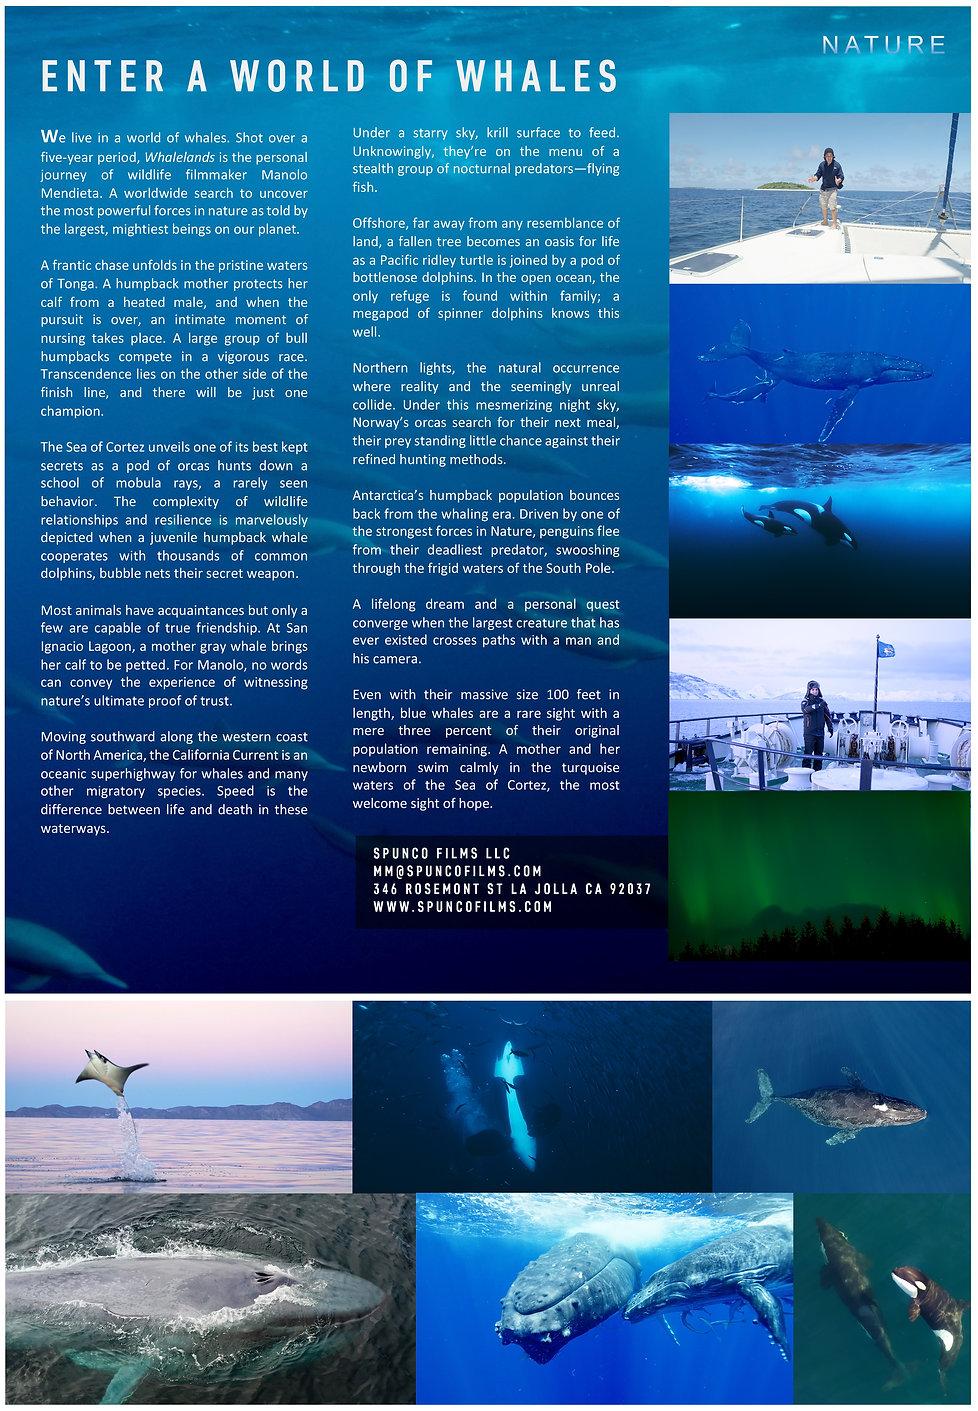 Whalelands_Exexutiveshreet_REVISED_JPG.jpg